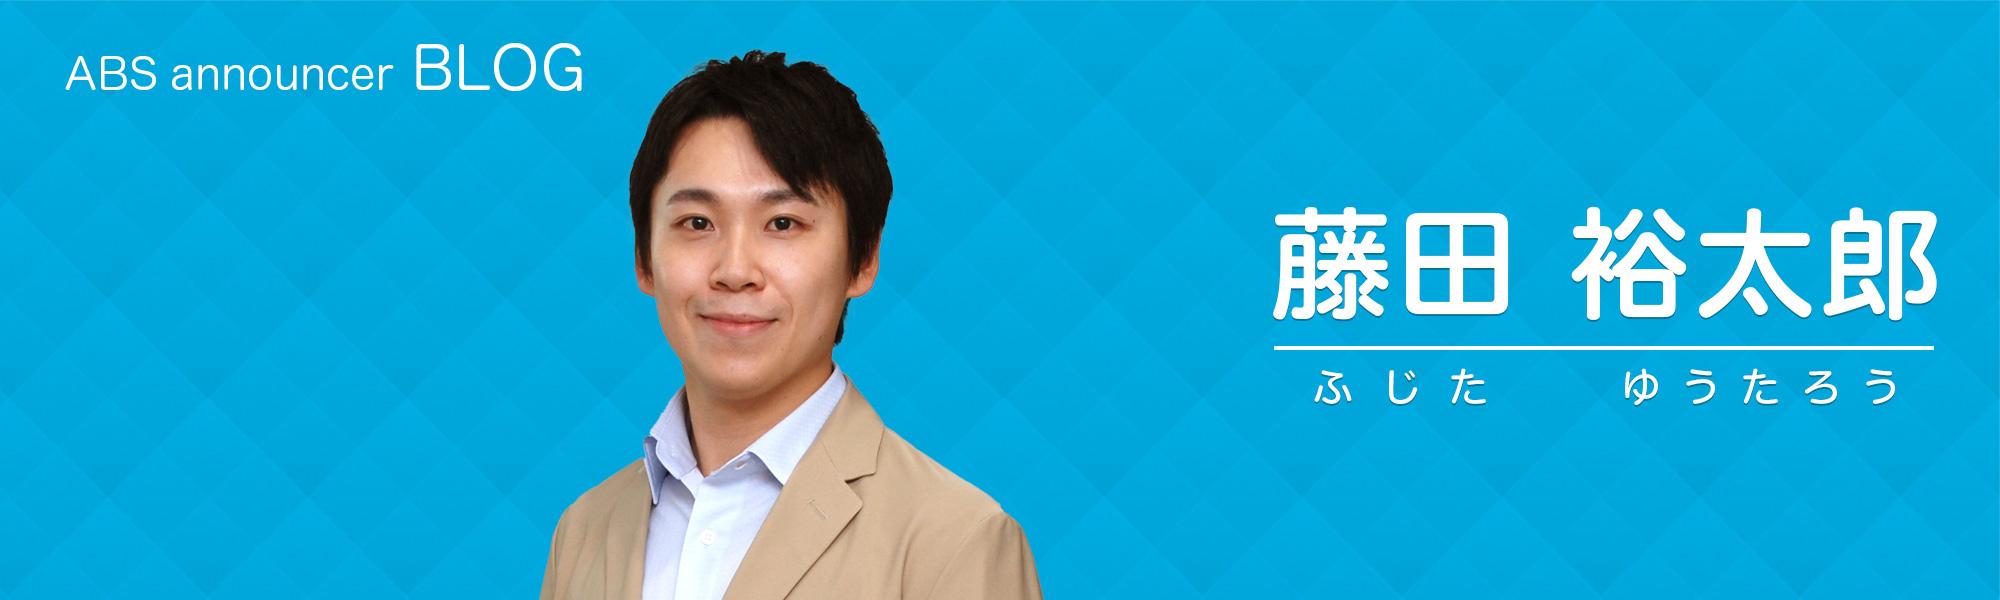 藤田裕太郎のブログ